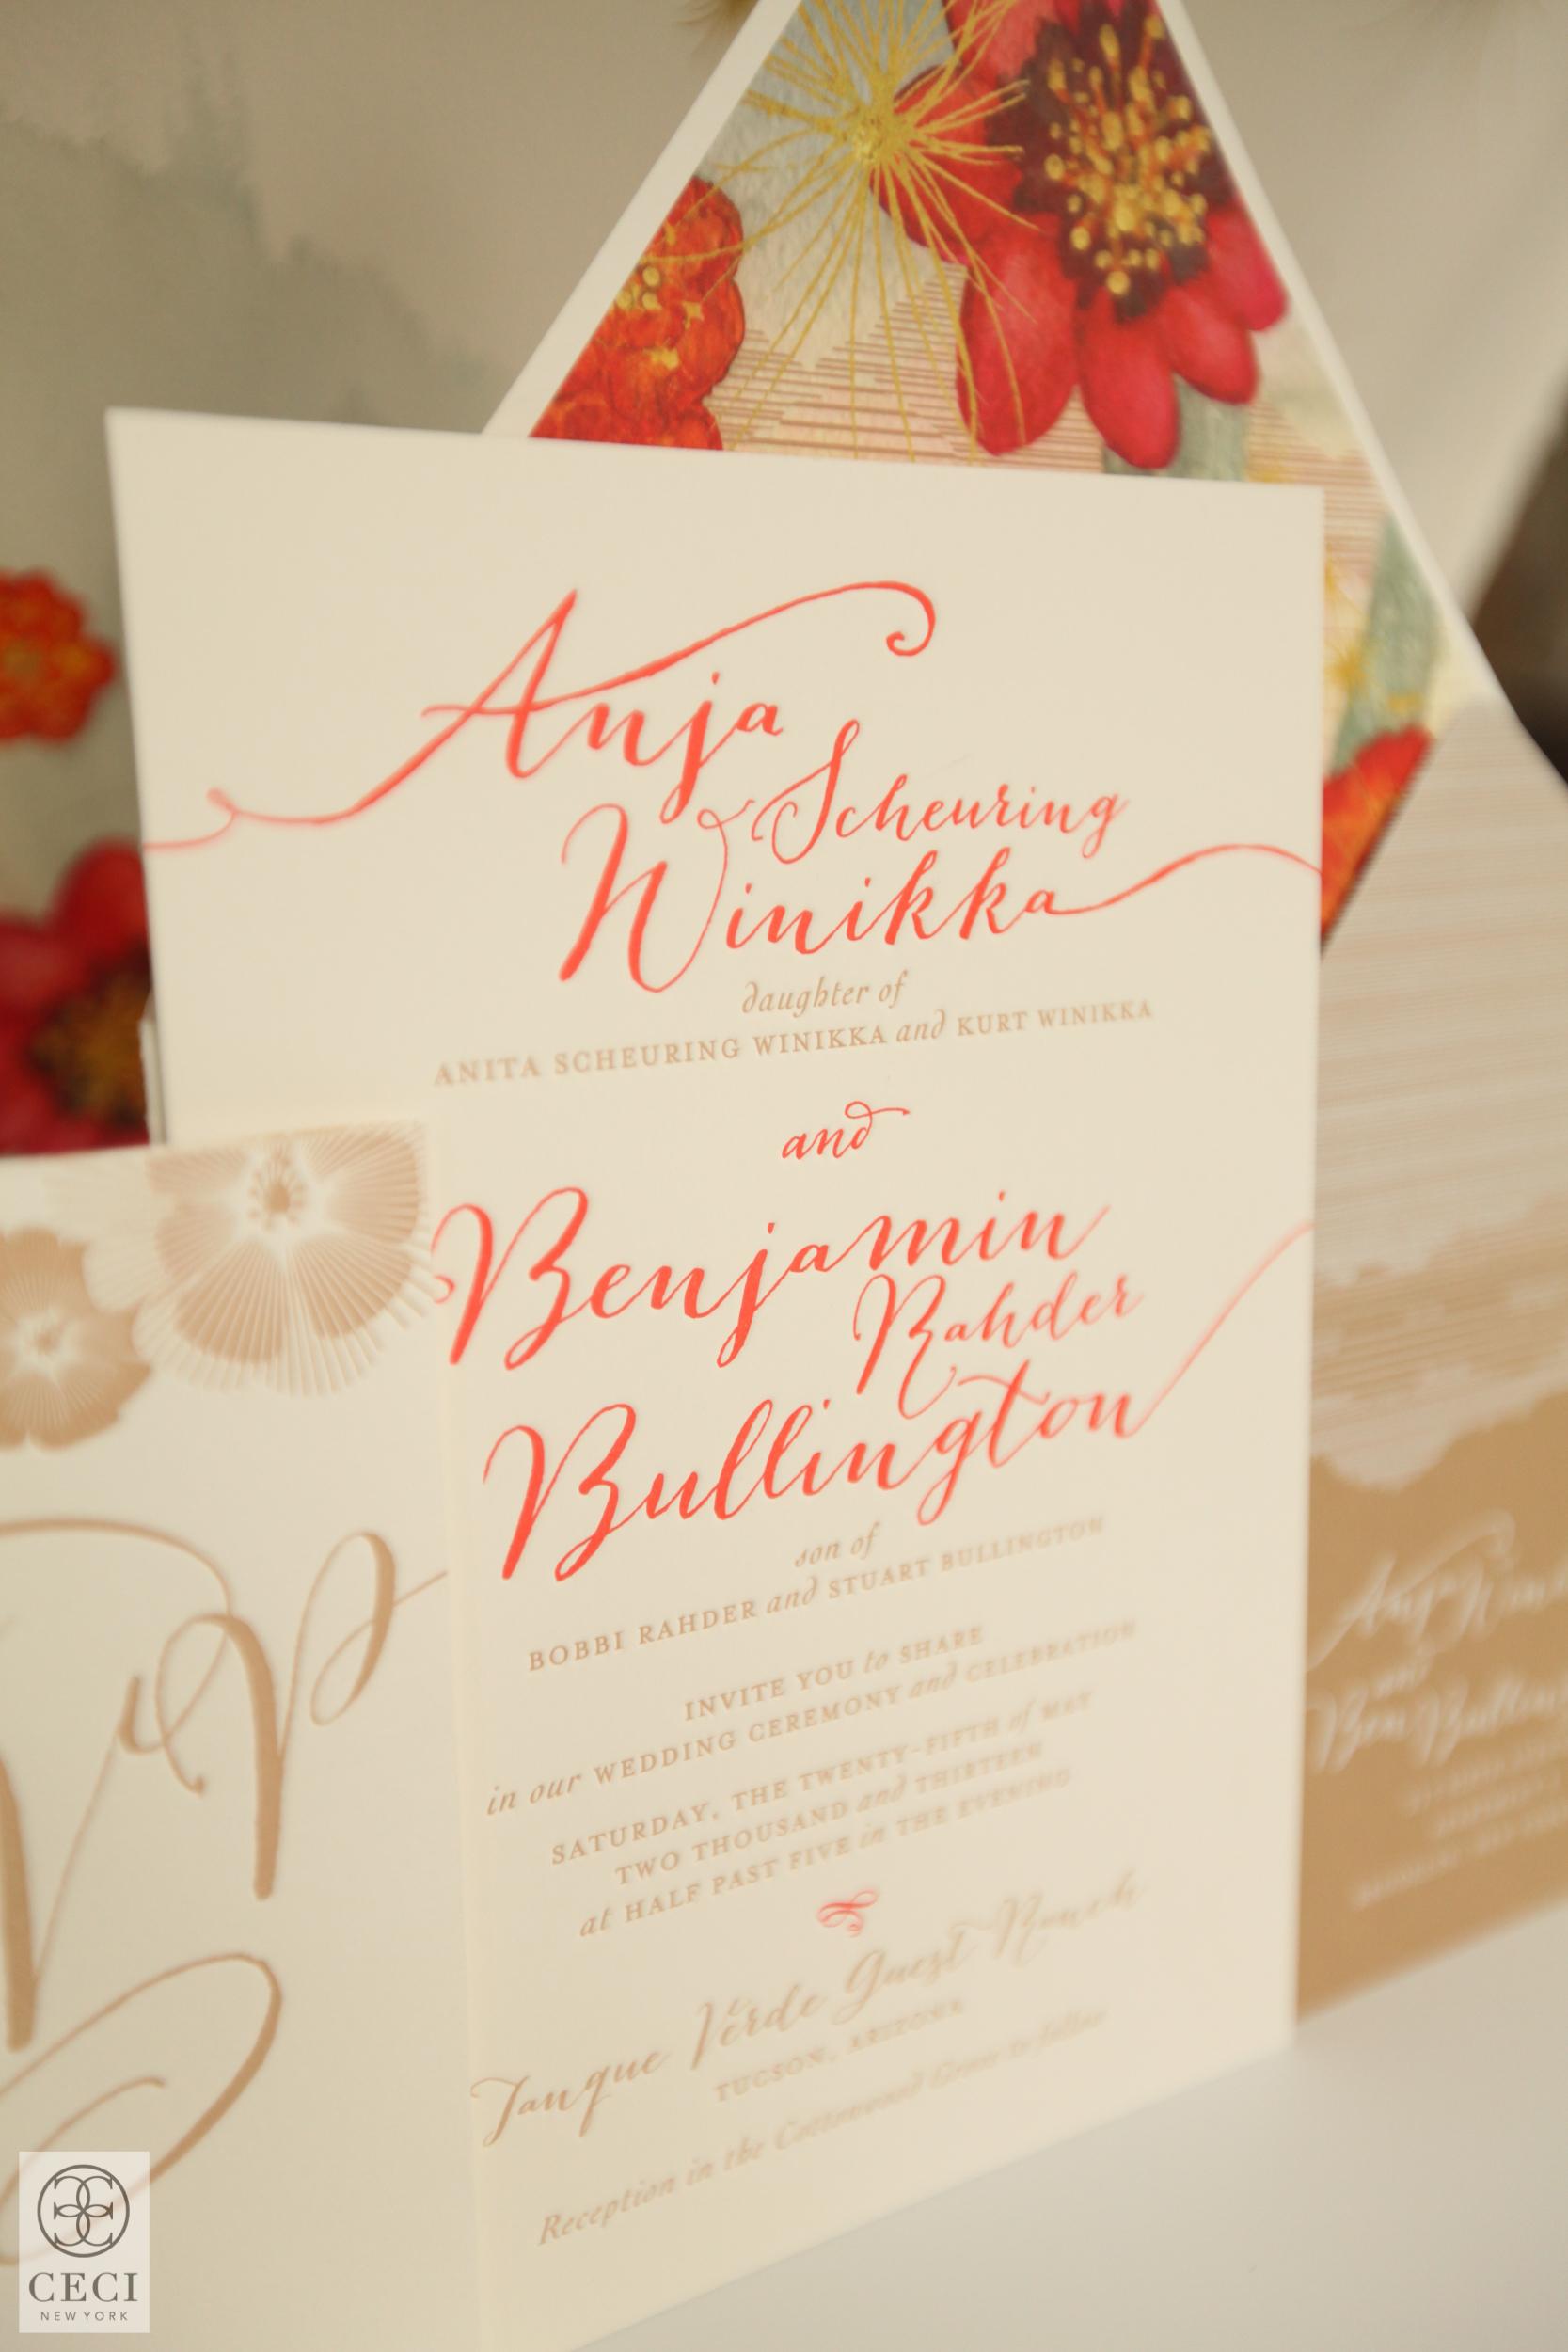 Ceci_New_York_Ceci_Style_Ceci_Johnson_Luxury_Lifestyle_Arizona_Wedding_Watercolor_Inspiration_Design_Custom_Couture_Personalized_Invitations_-5.jpg